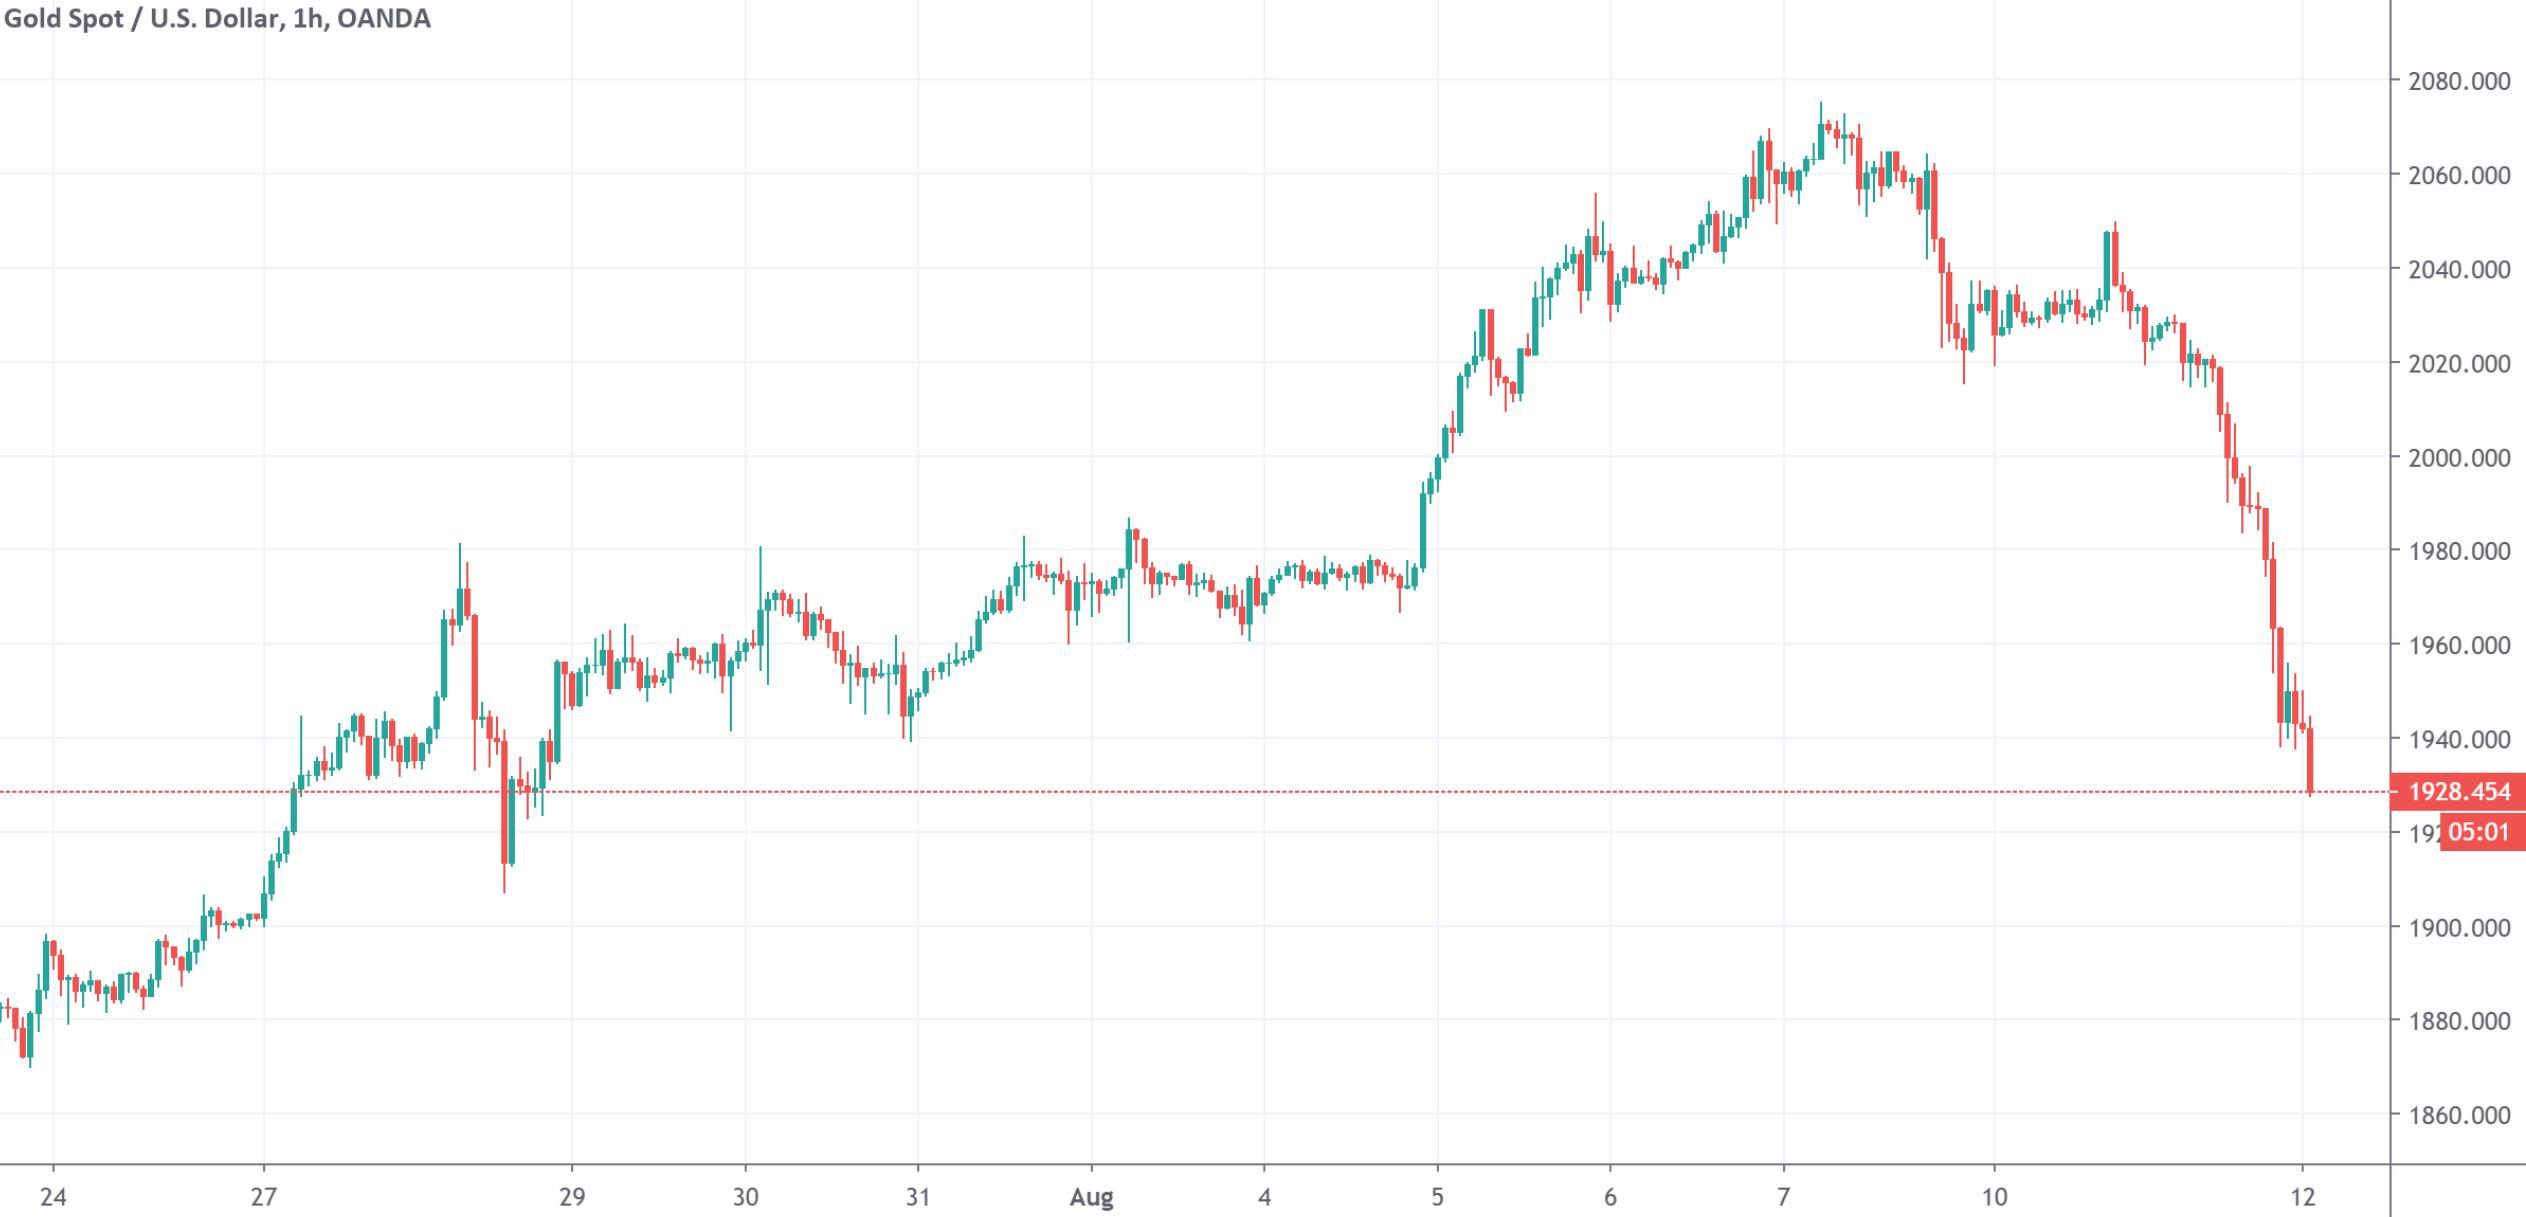 黄金大跌100美元 白银跌幅超12% 到底发生了什么?